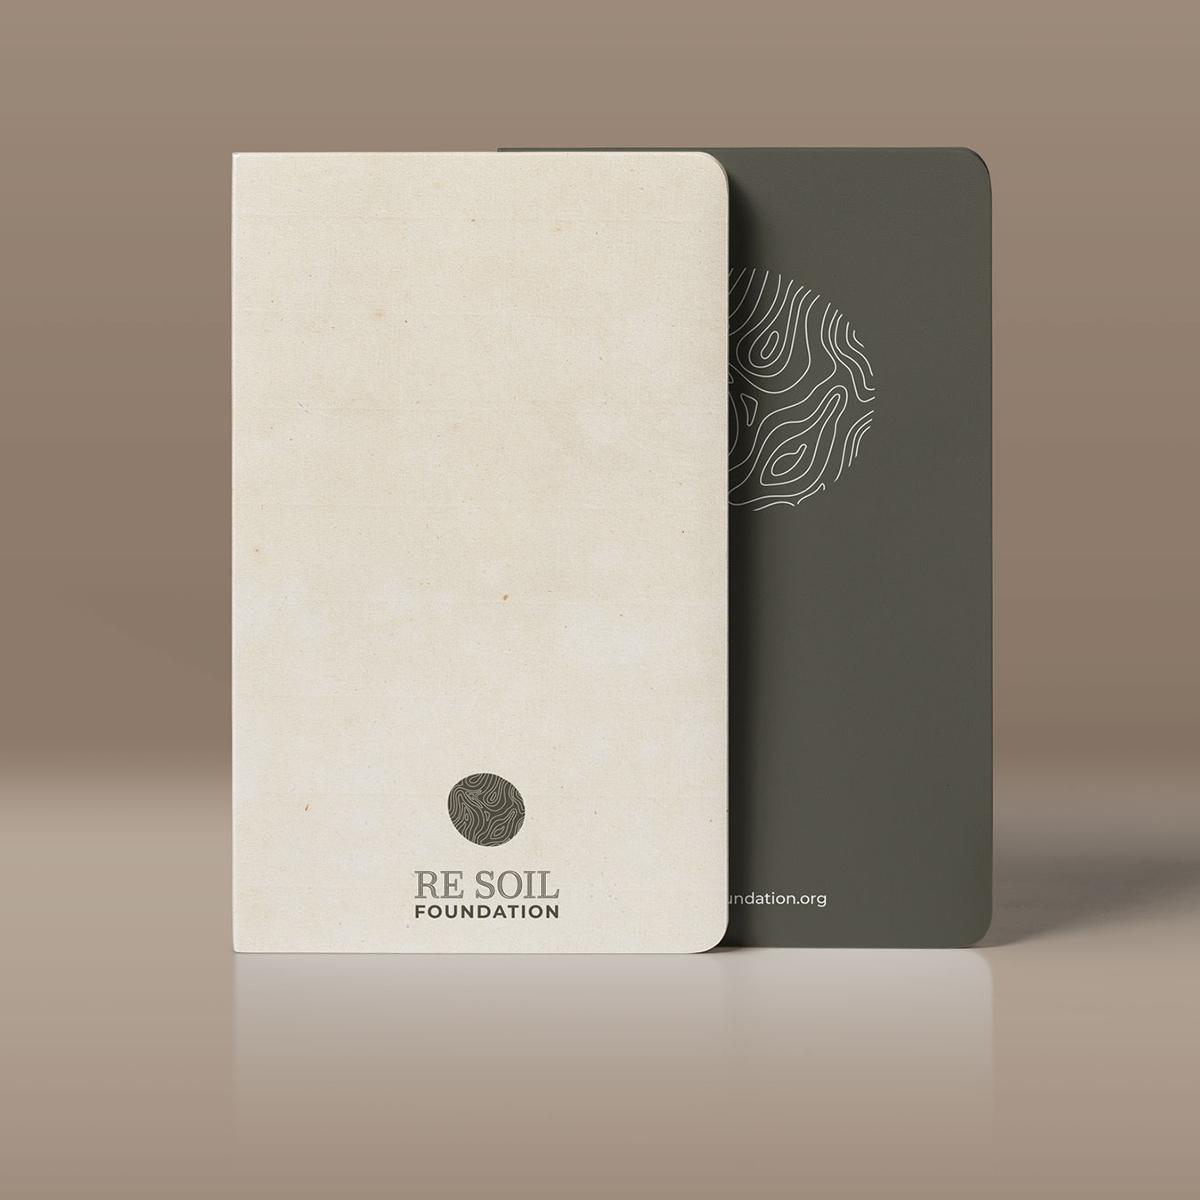 resoilfoundation-book